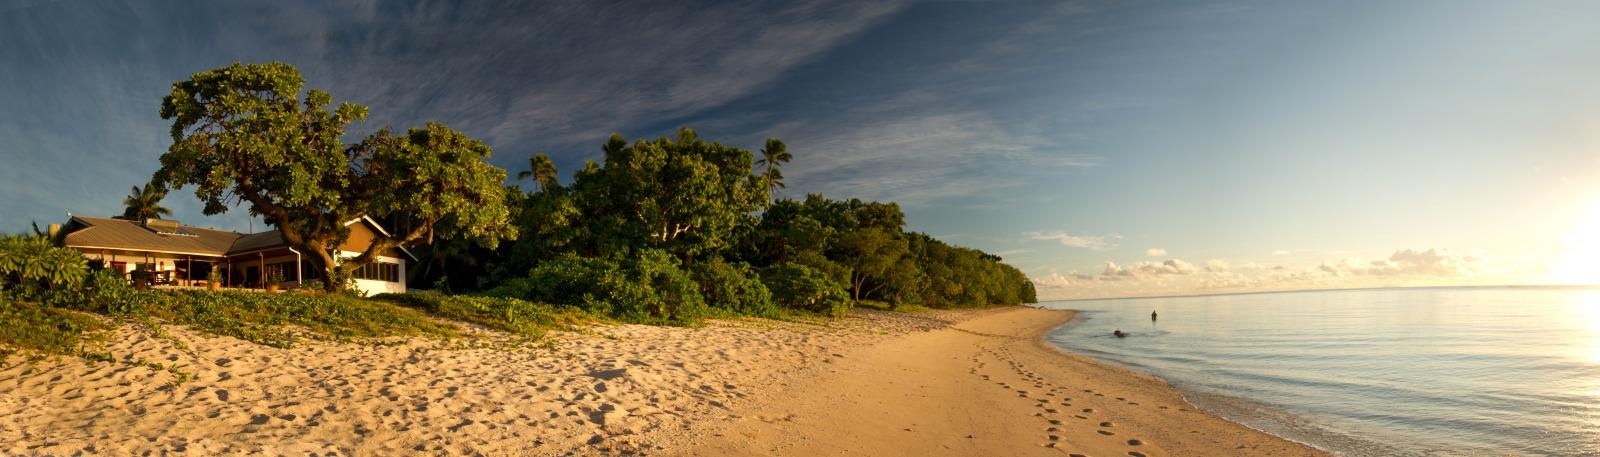 10 Best Resorts in Ha'apai